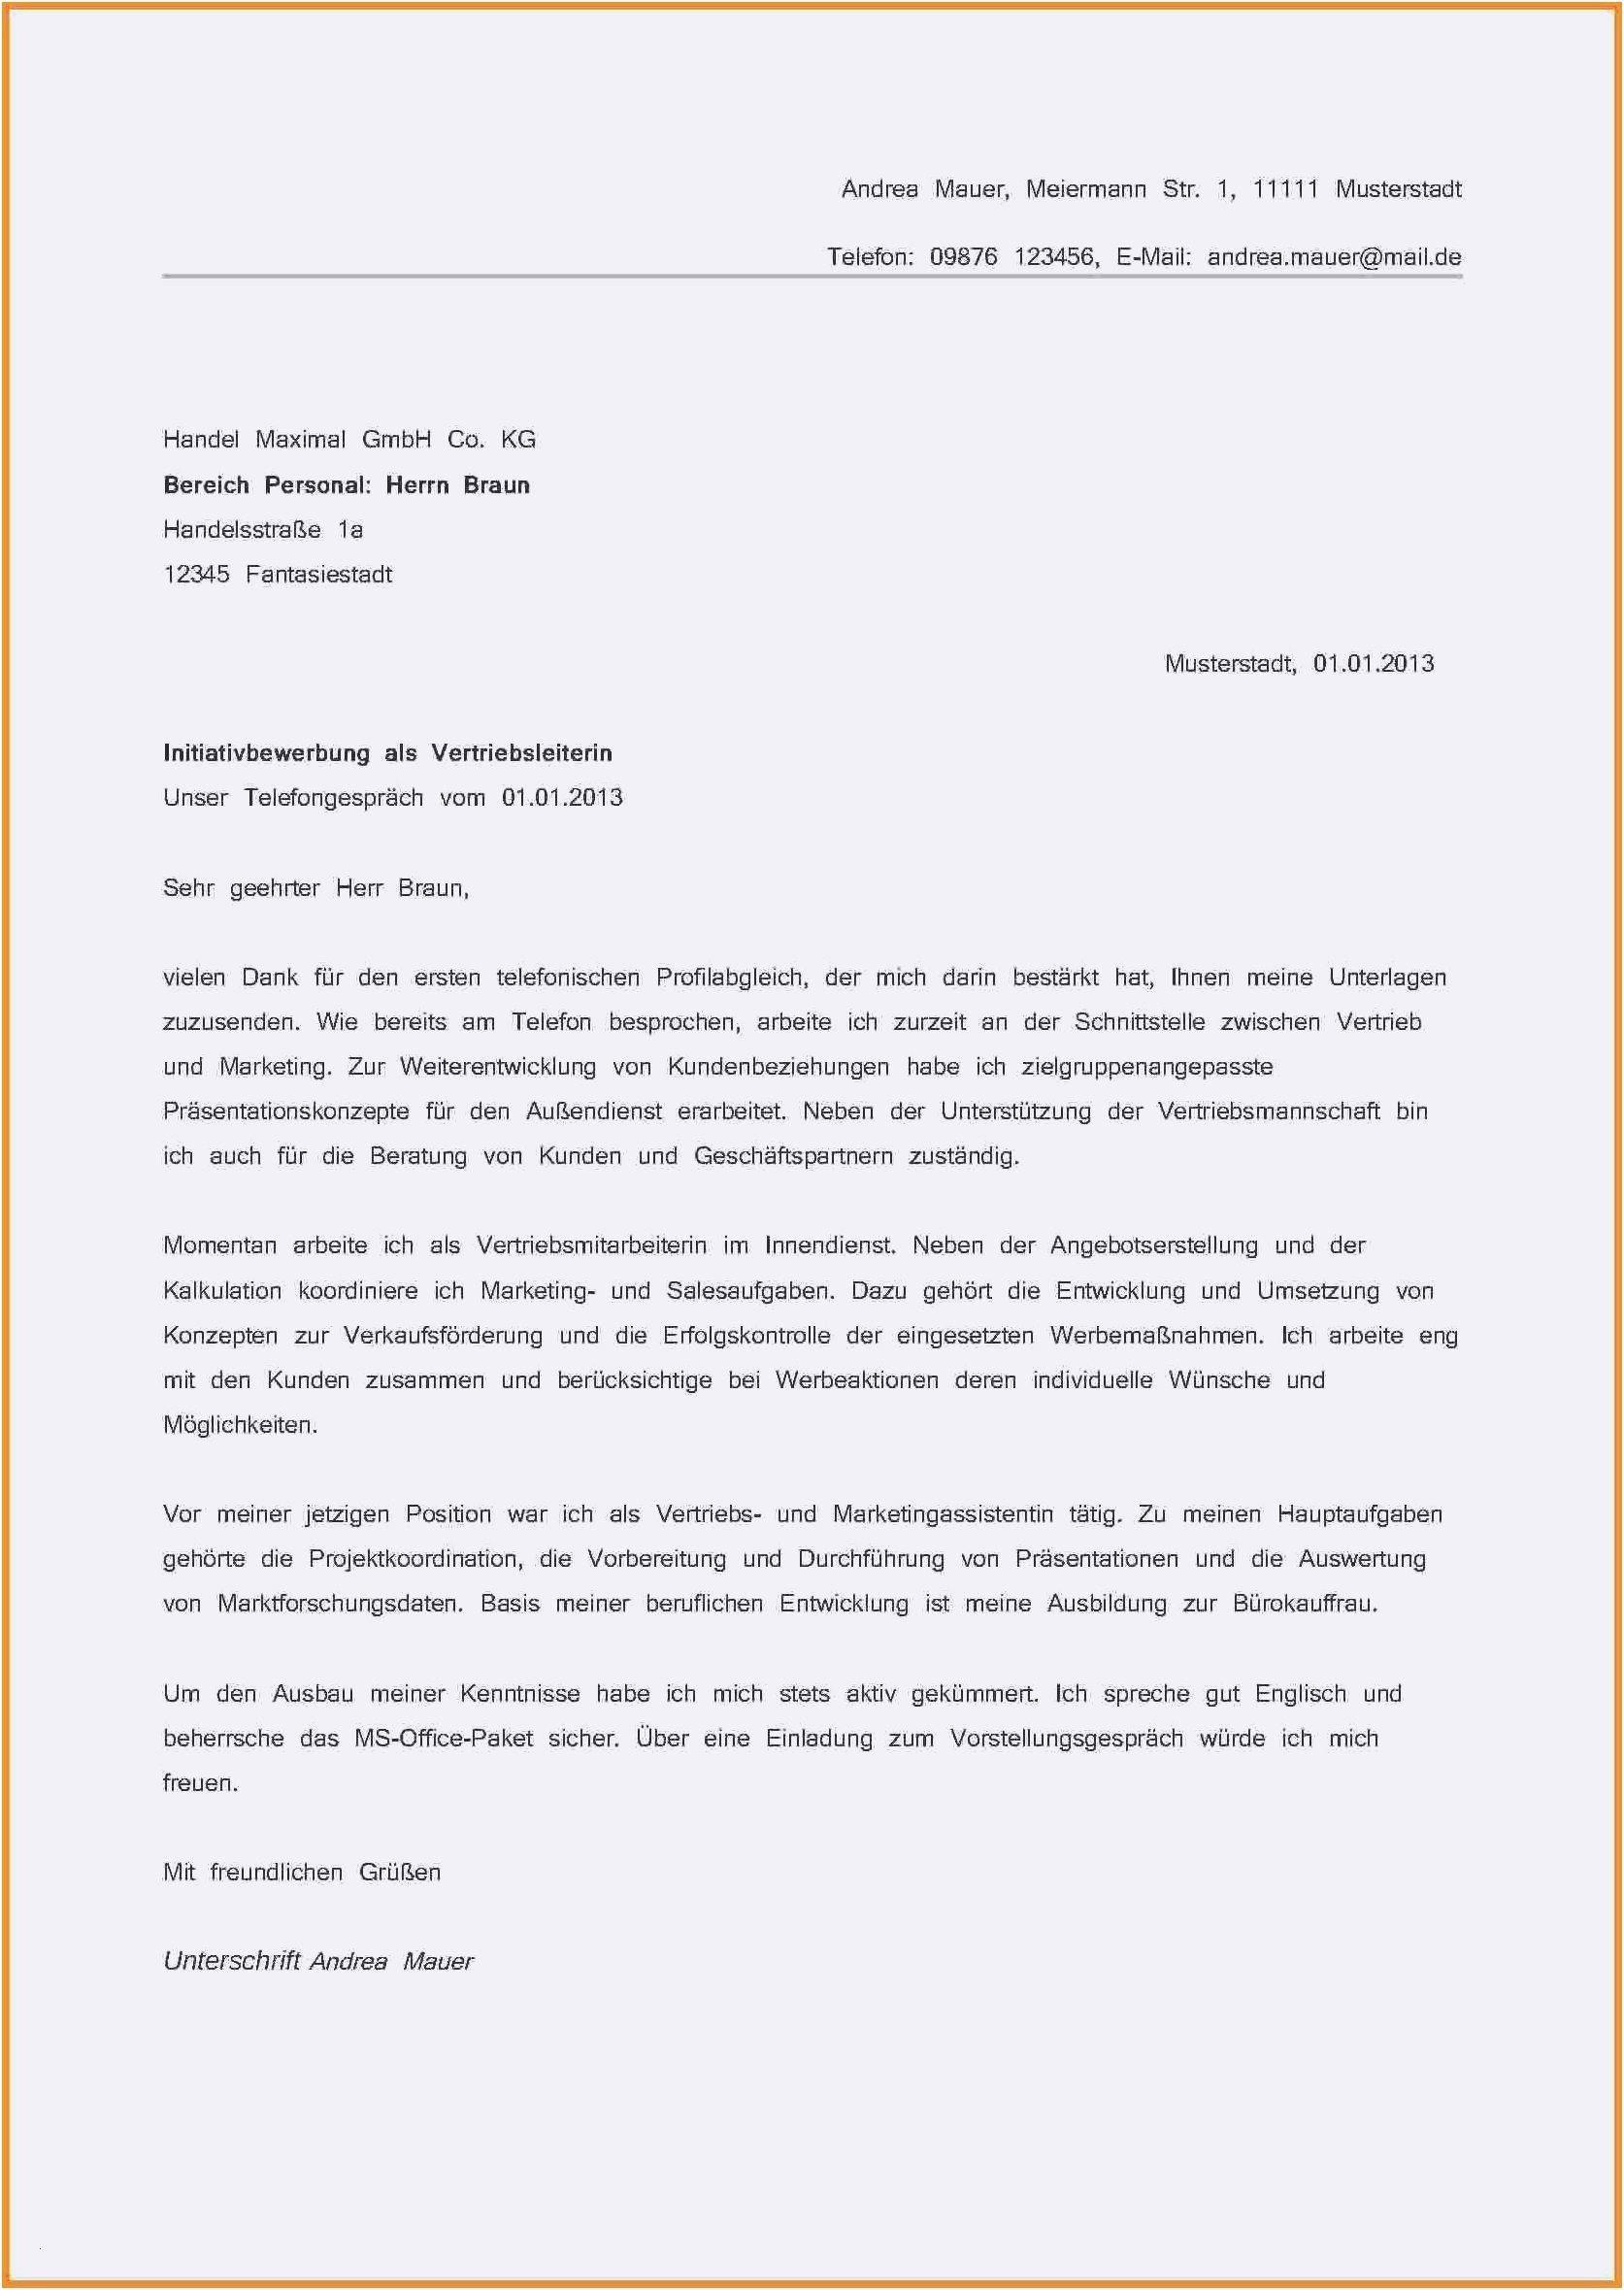 Neu Bewerbung Als Produktionshelfer Briefprobe Briefformat Briefvorlage Lebenslauf Muster Lebenslauf Bewerbung Schreiben